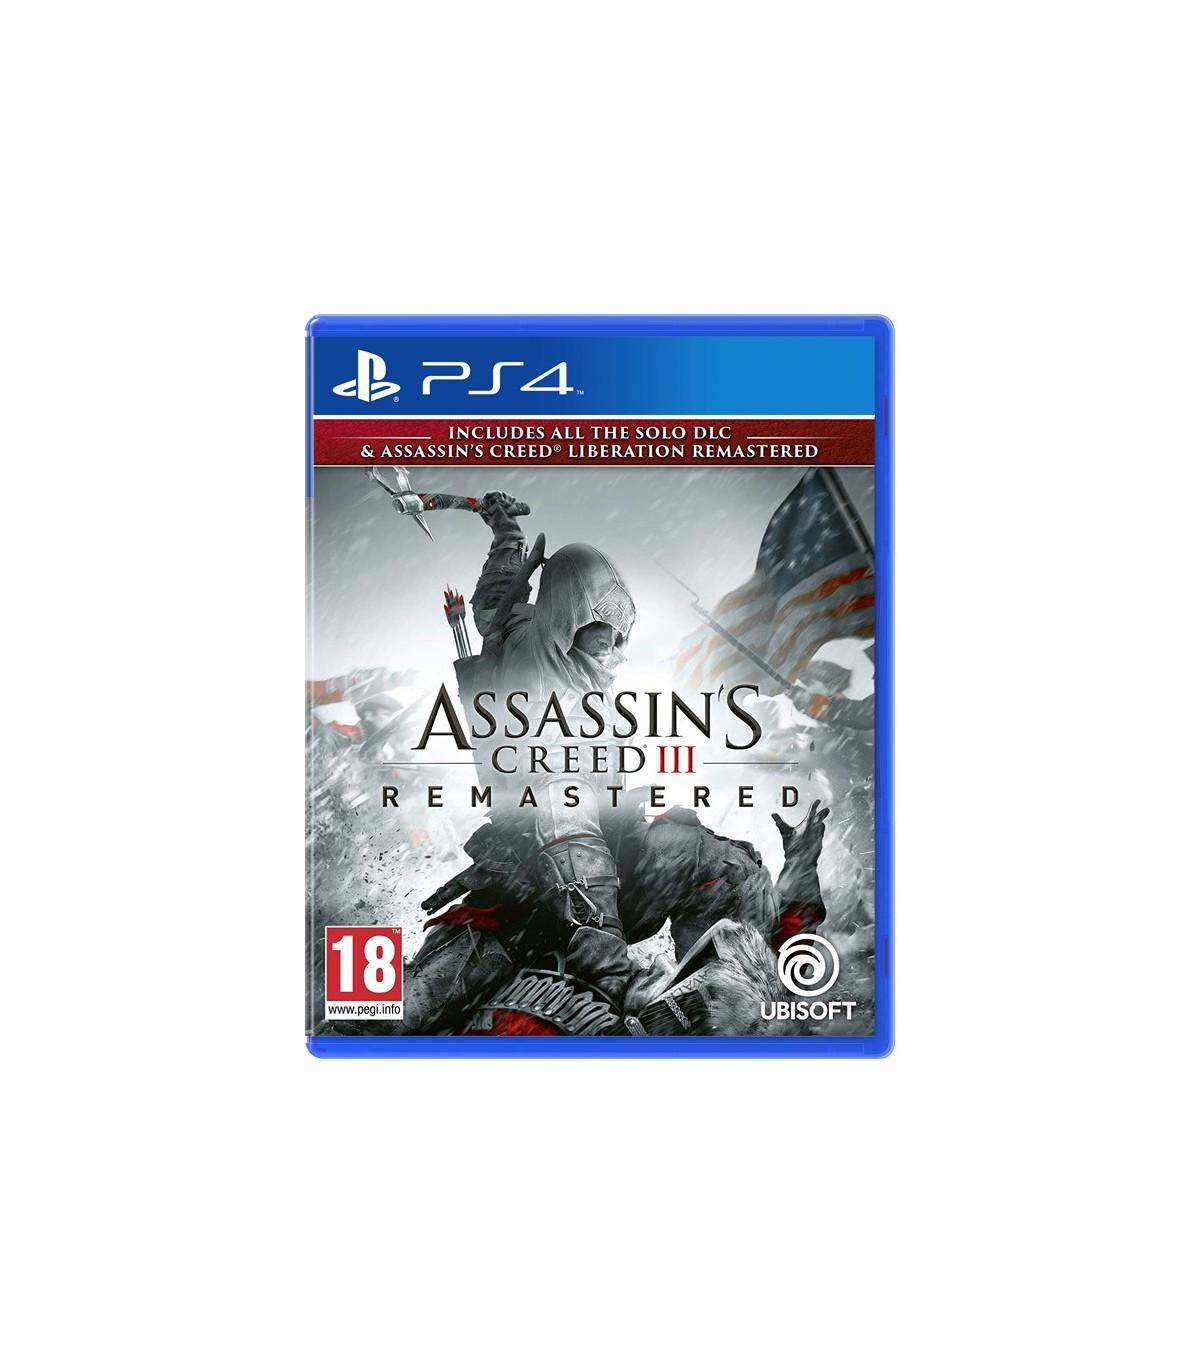 بازی Assassin's Creed 3 Remastered - پلی استیشن 4